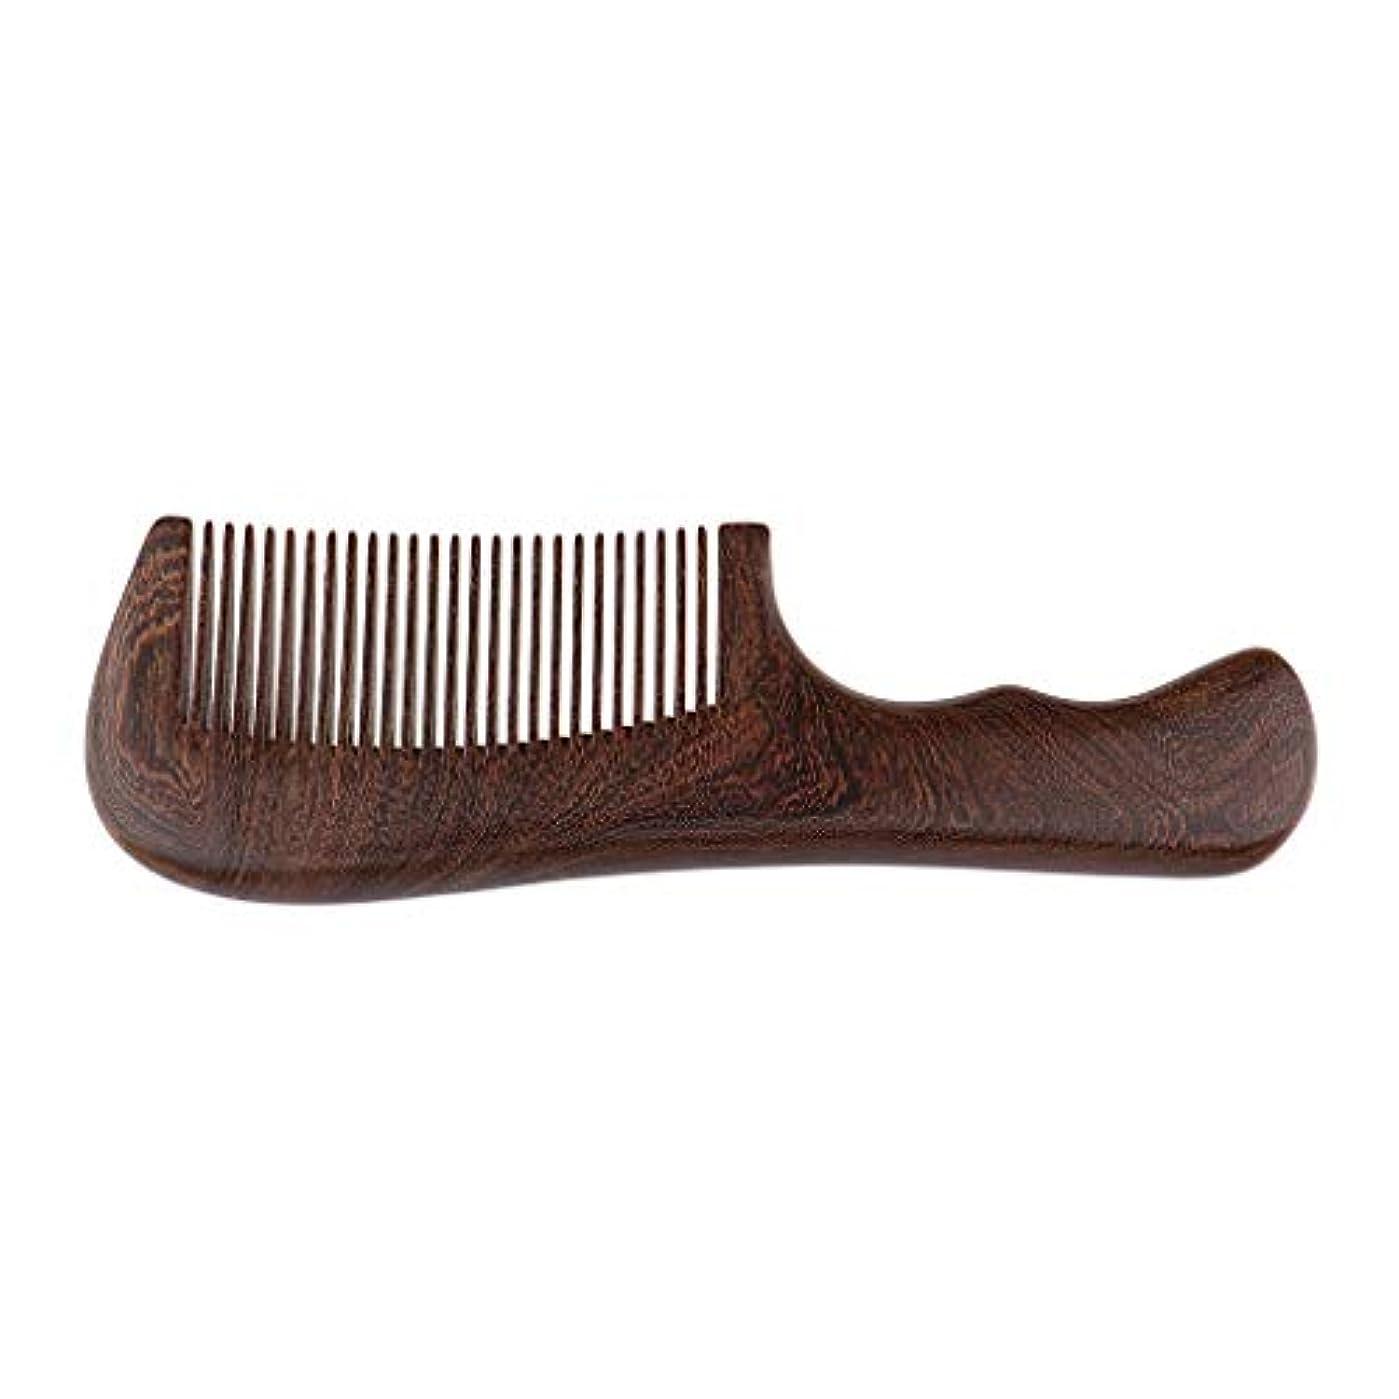 葉巻サスティーン大きさP Prettyia 帯電防止櫛 ウッドコーム 木製櫛 ハンドヘルドくし 頭皮マッサージ 2仕様選べ - 細かい歯